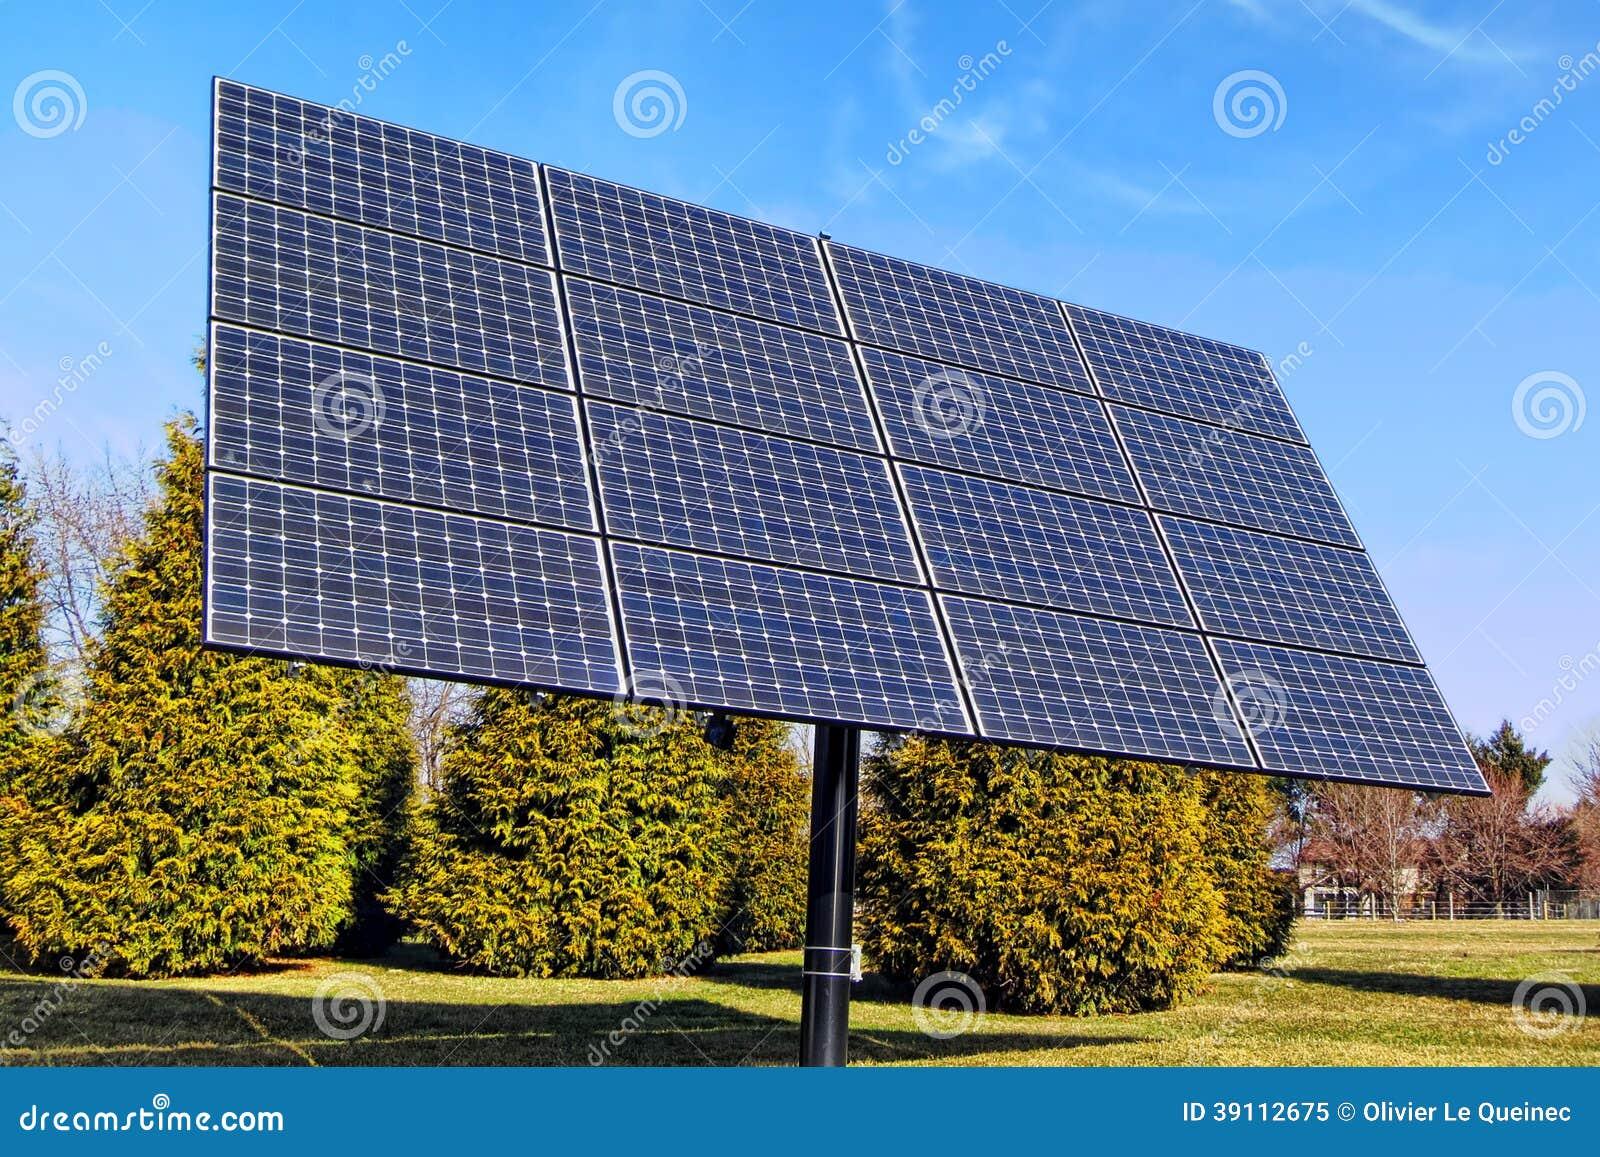 Rang e photovolta que de panneaux solaires d 39 nergie lectrique photo sto - Prix d un panneau photovoltaique ...